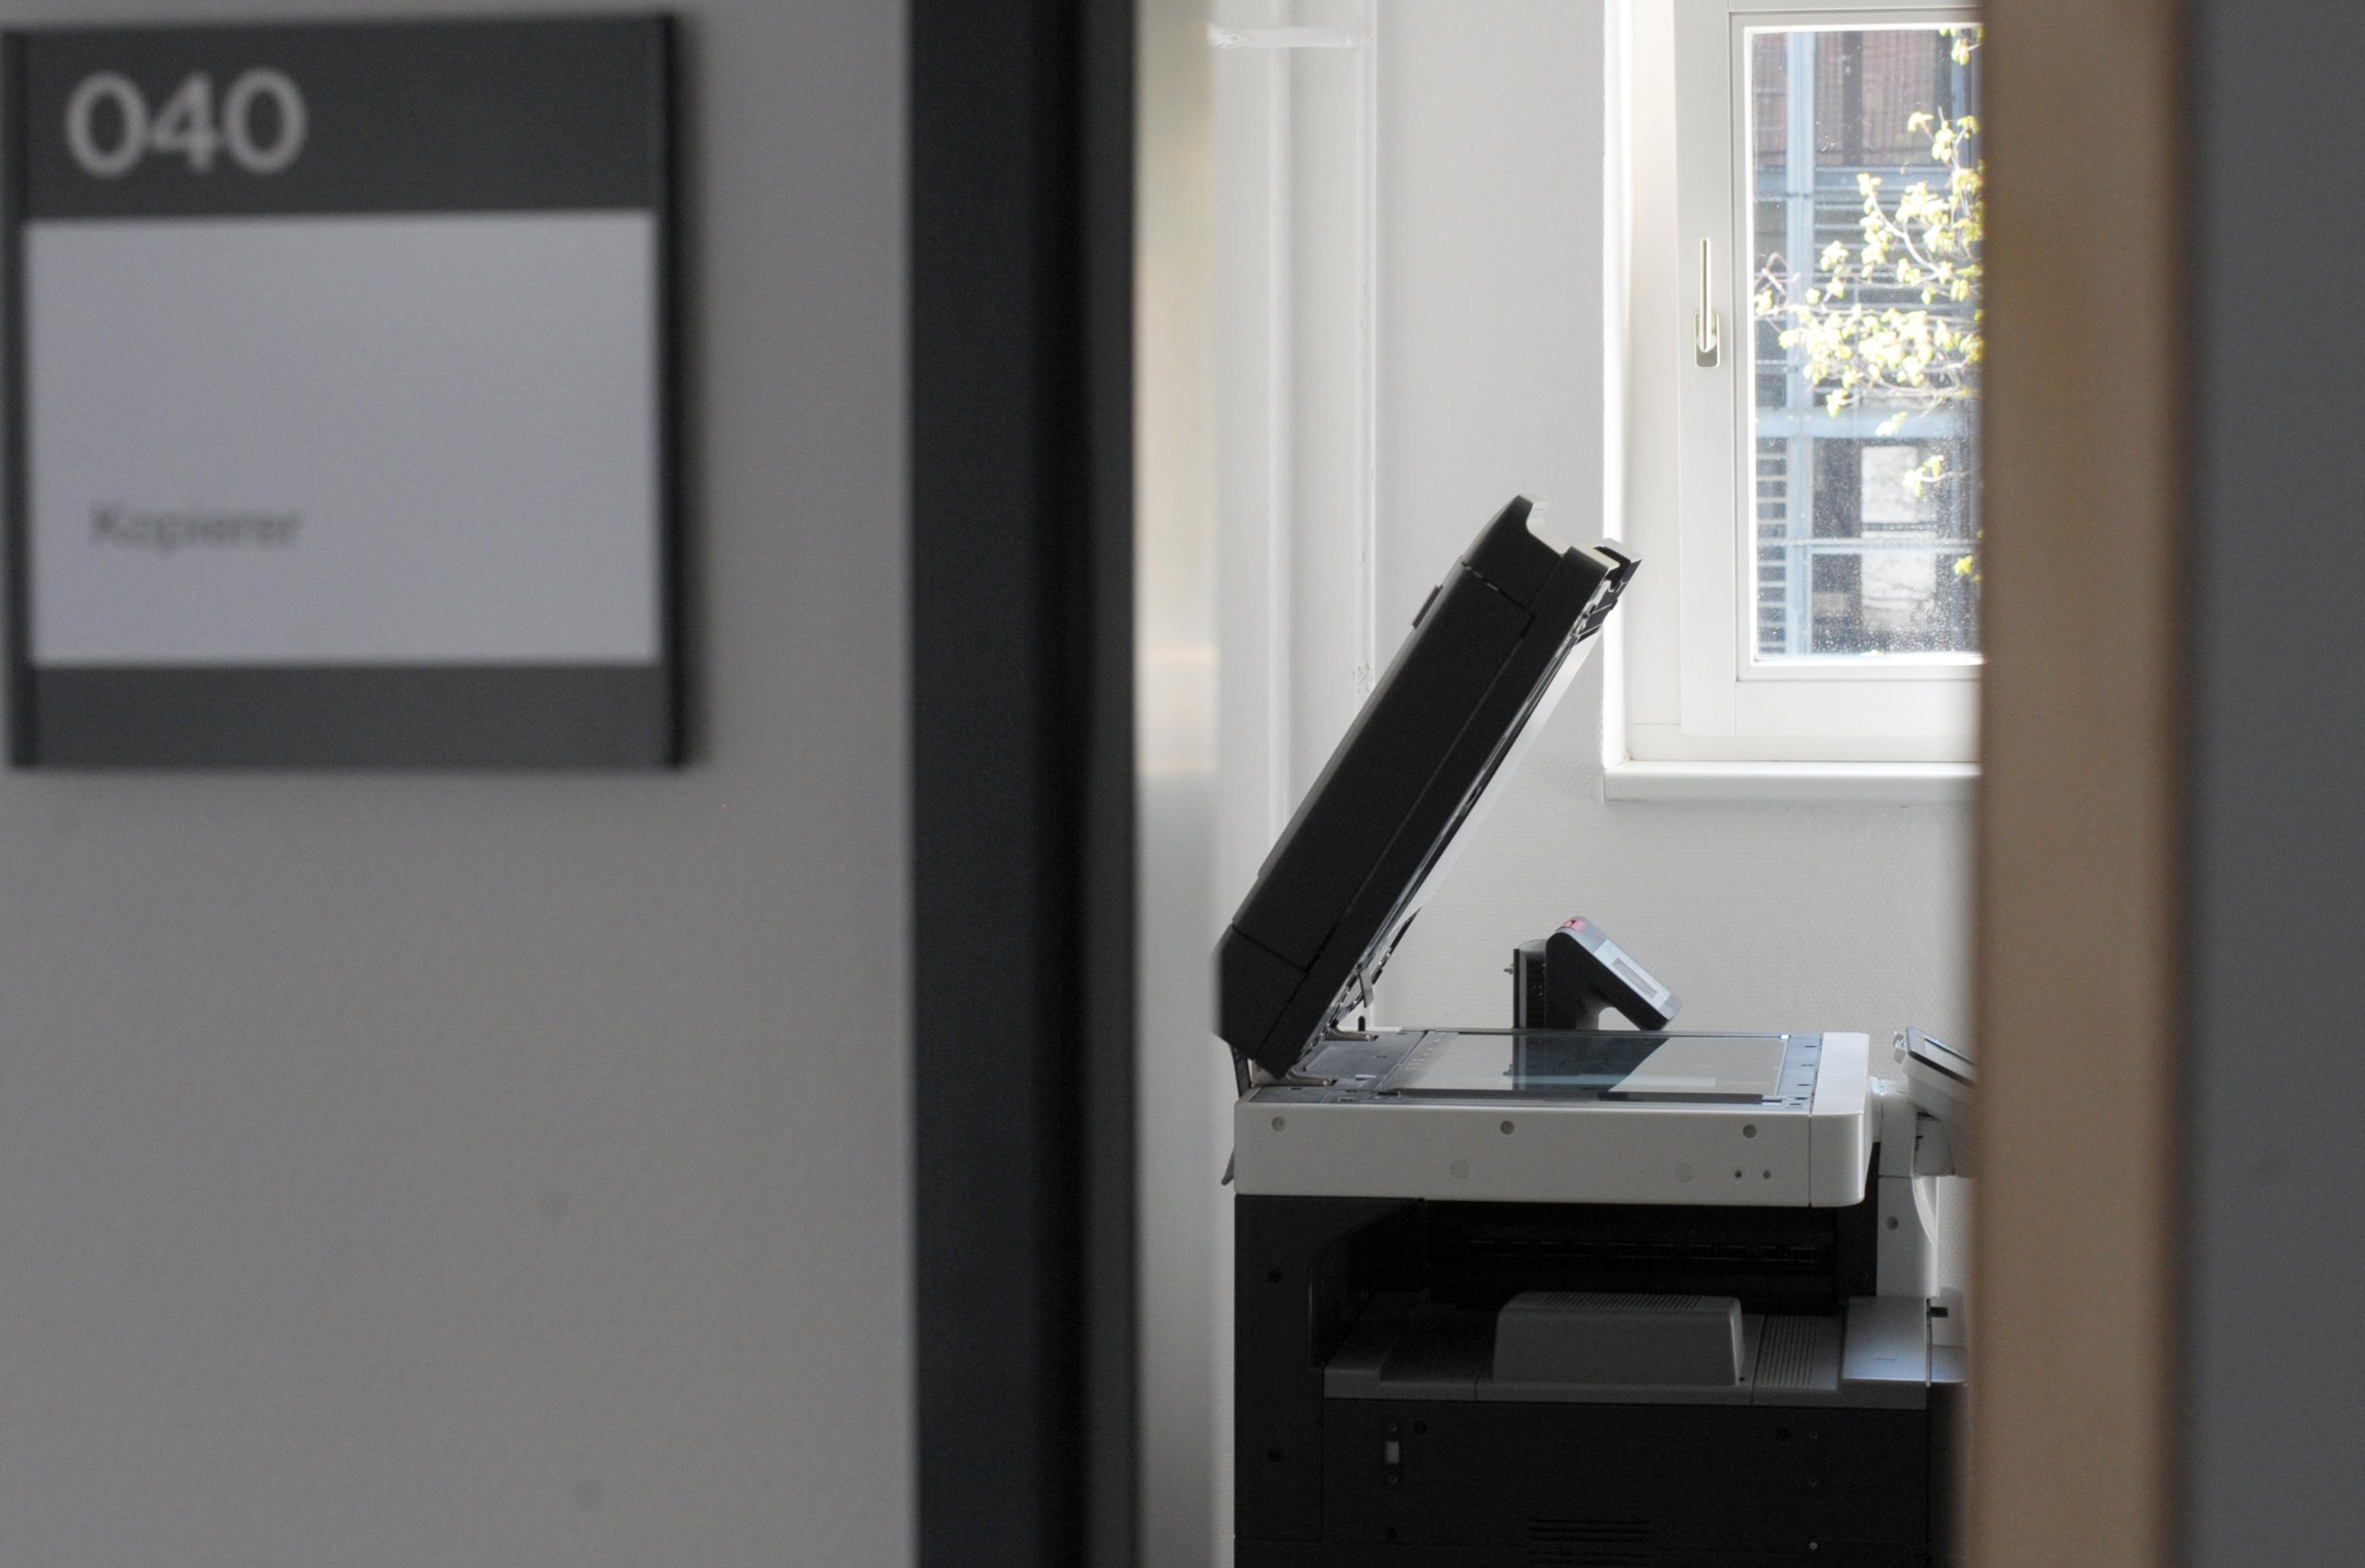 Ein Kopierer steht am 21.04.2016 an der Universität in Tübingen (Baden-Württemberg) in einem Seminarraum. Foto: Philip Schwarz/dpa | Verwendung weltweit